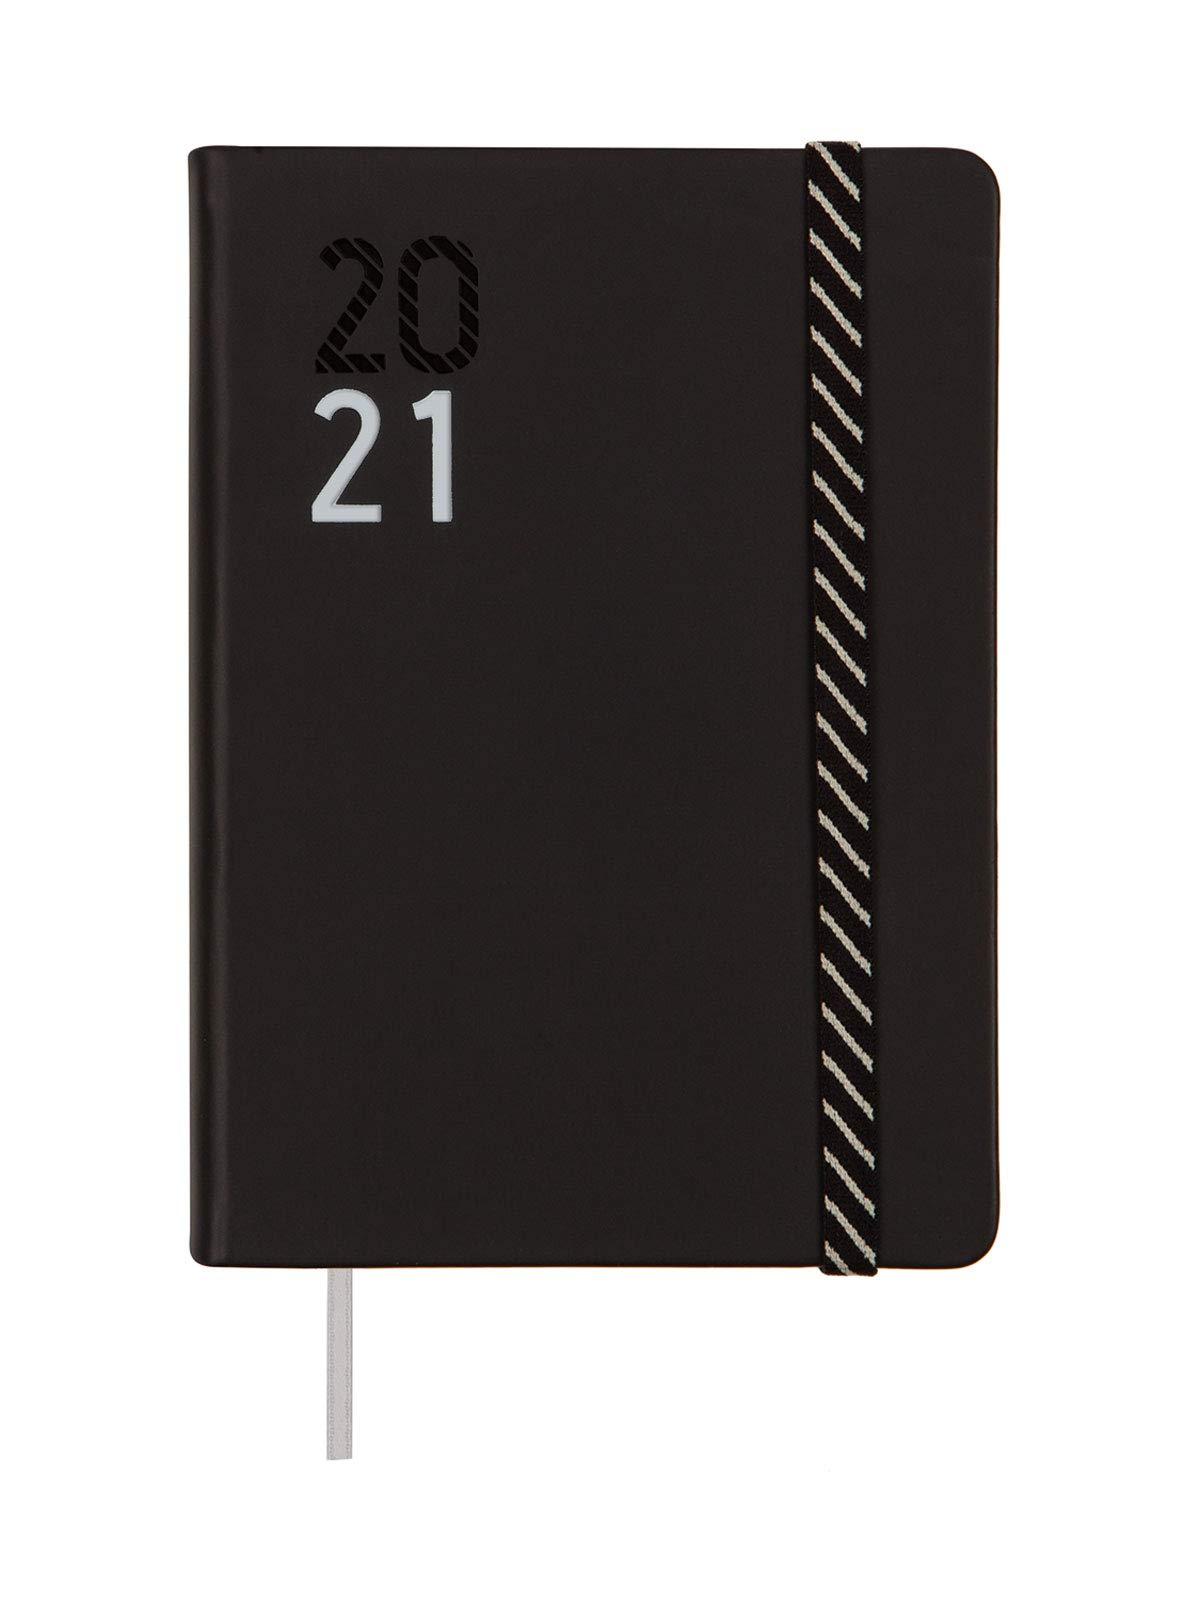 Finocam - Agenda Curso 2020-2021 M4-118 x 168 1 Día Página Natural Croma Negro Catalán: Amazon.es: Oficina y papelería